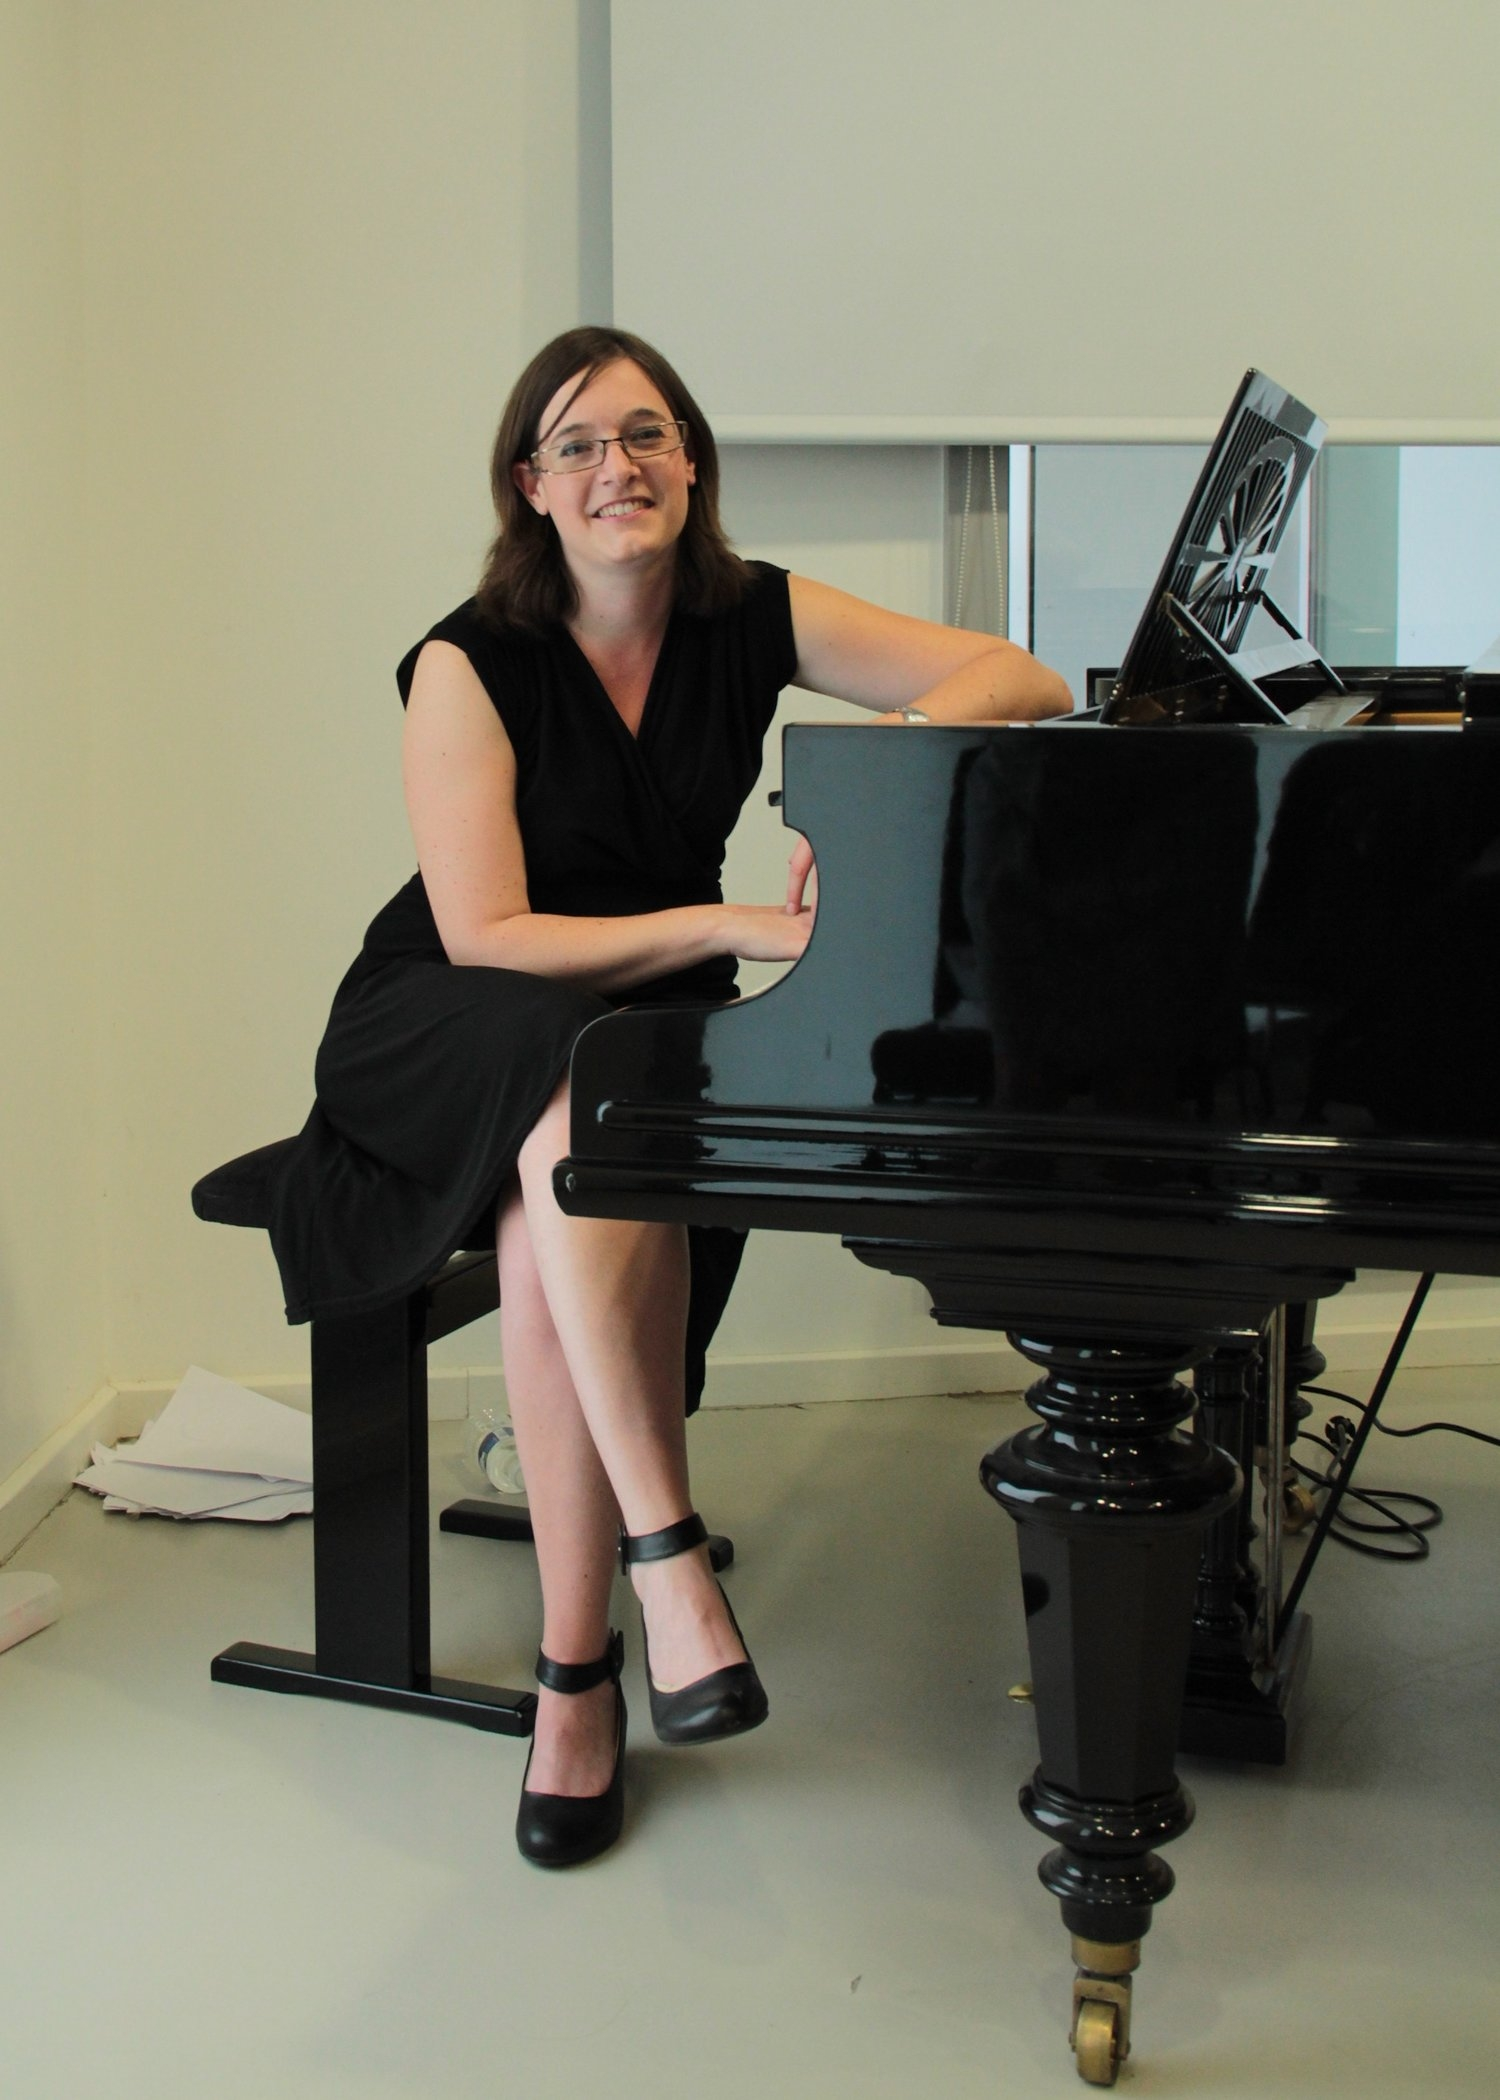 Claire Schaff accompagne Vox Femina au piano depuis quelques années. Ici sur le piano de Robert Schuman, à l'occasion des Heures Musicales, organisées à la Maison Robert Schuman le 21 août 2016.